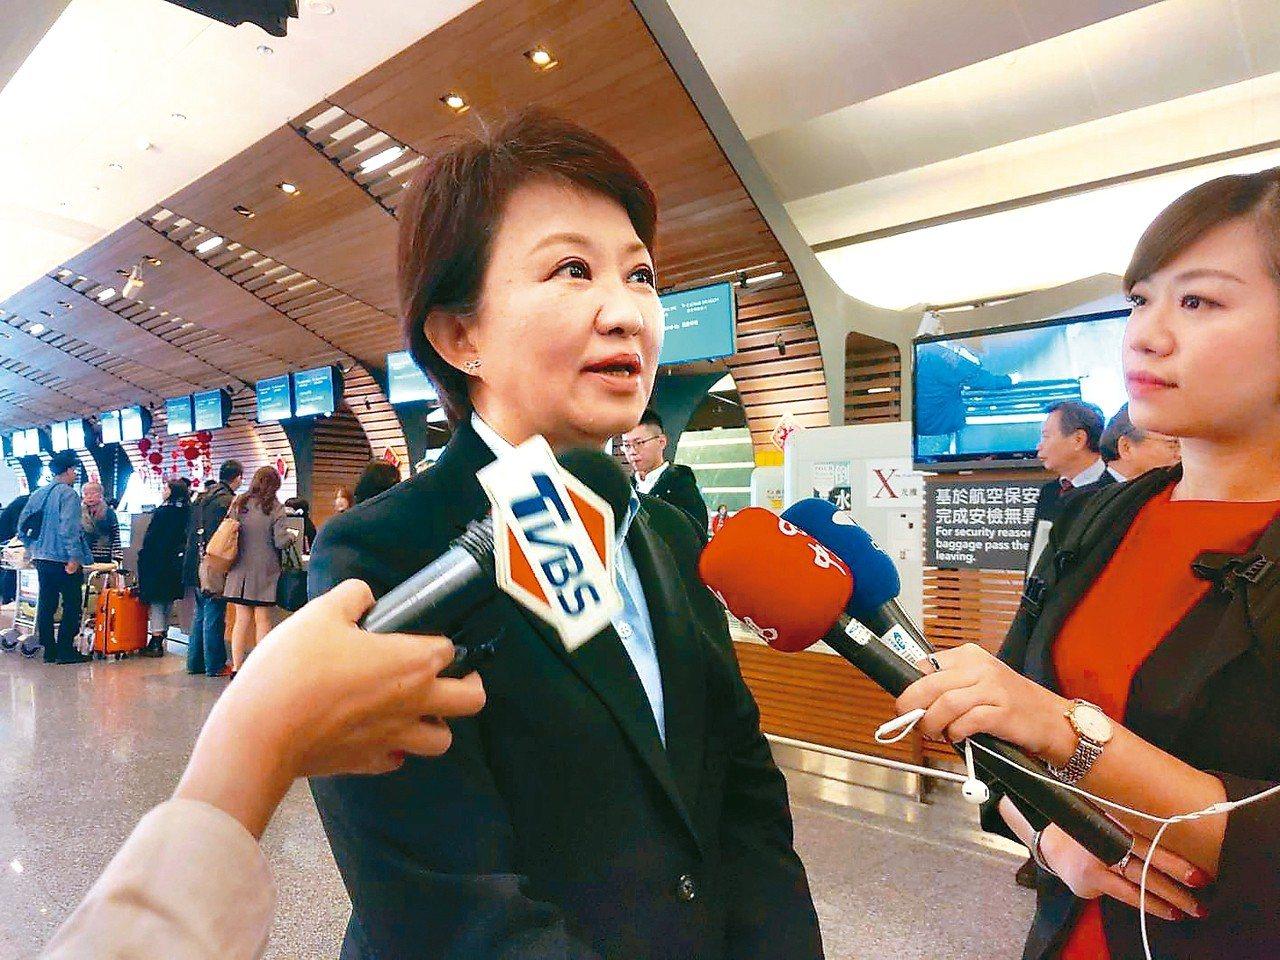 台中市長盧秀燕(左)上任後首度出訪香港,她今早搭機前往,晚上回台中,一日來回拚經...